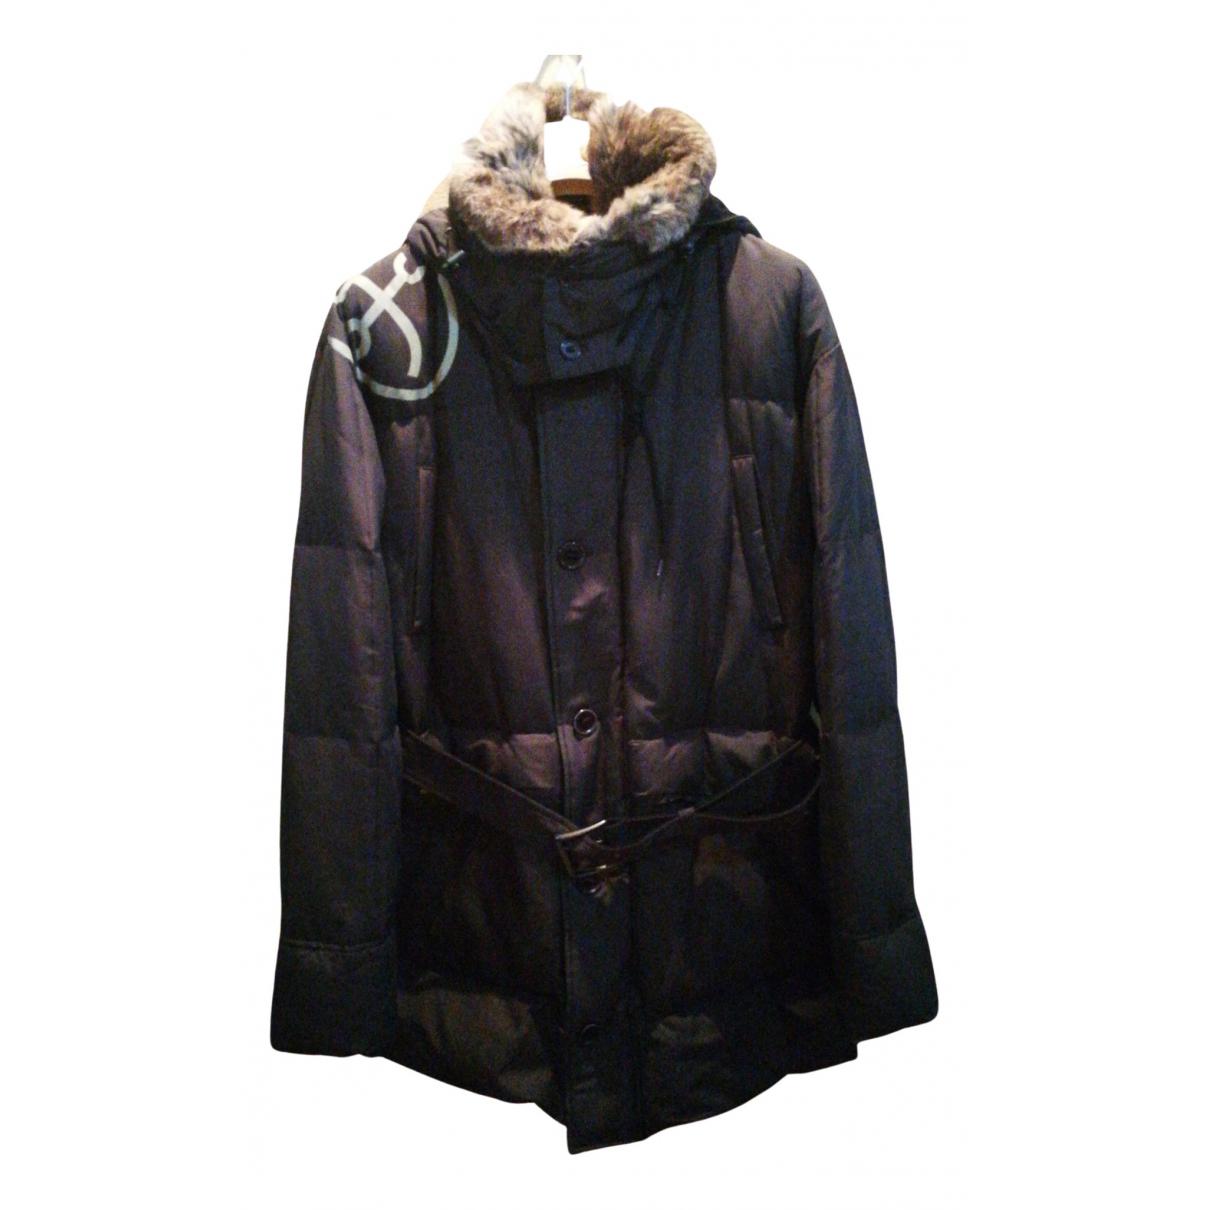 Jc De Castelbajac - Manteau   pour homme en coton - marron